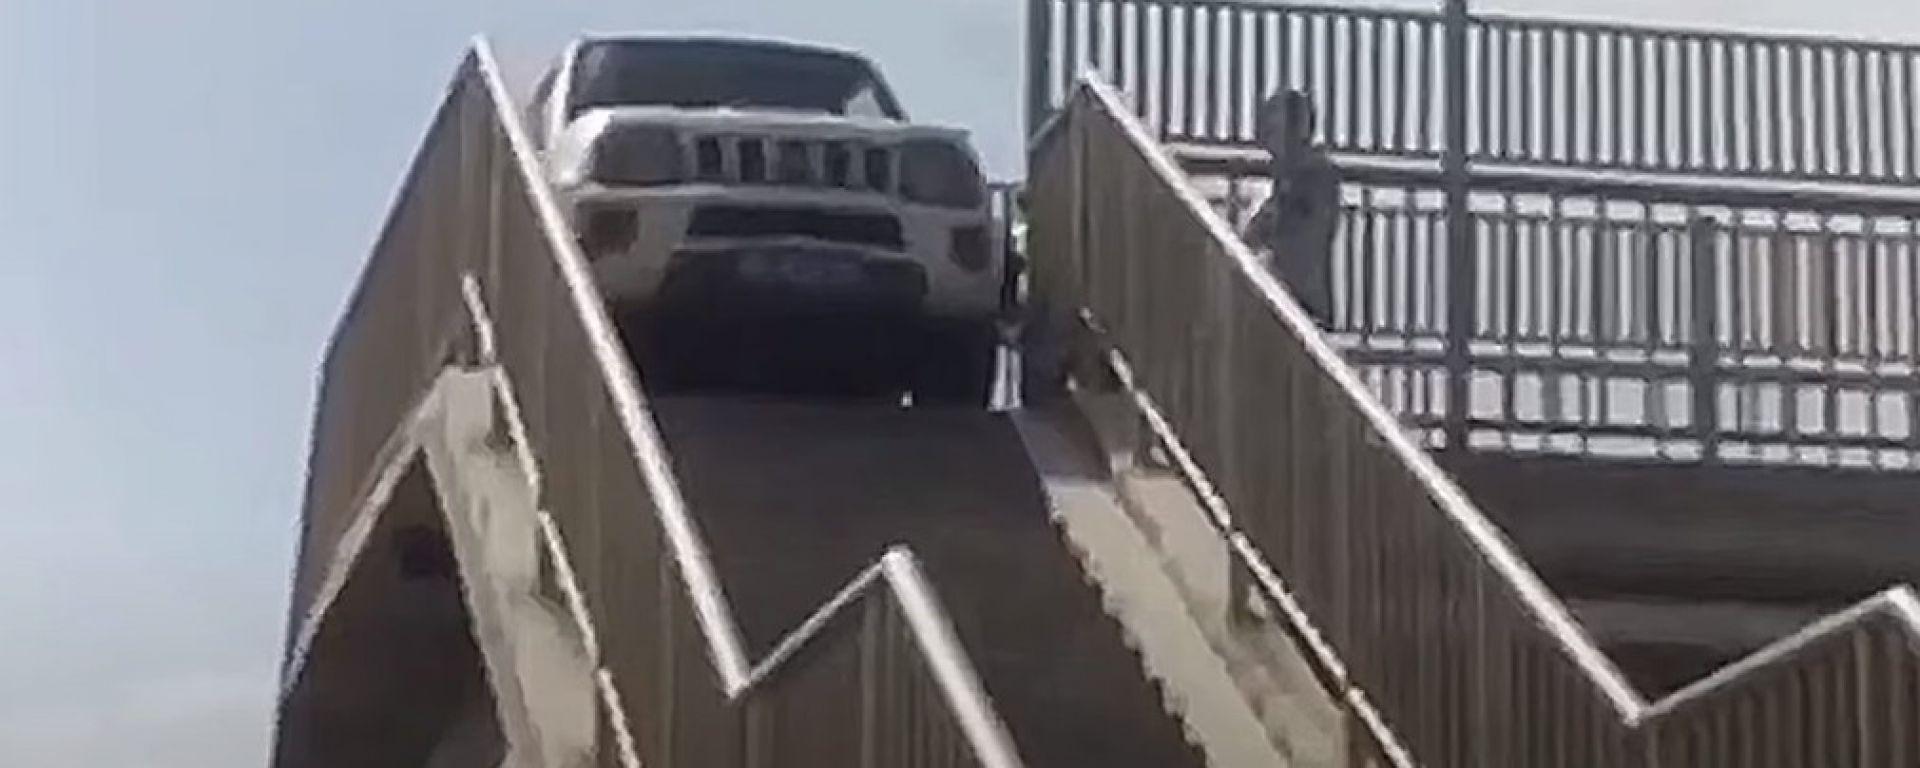 Suzuki Jimny sul cavalcavia